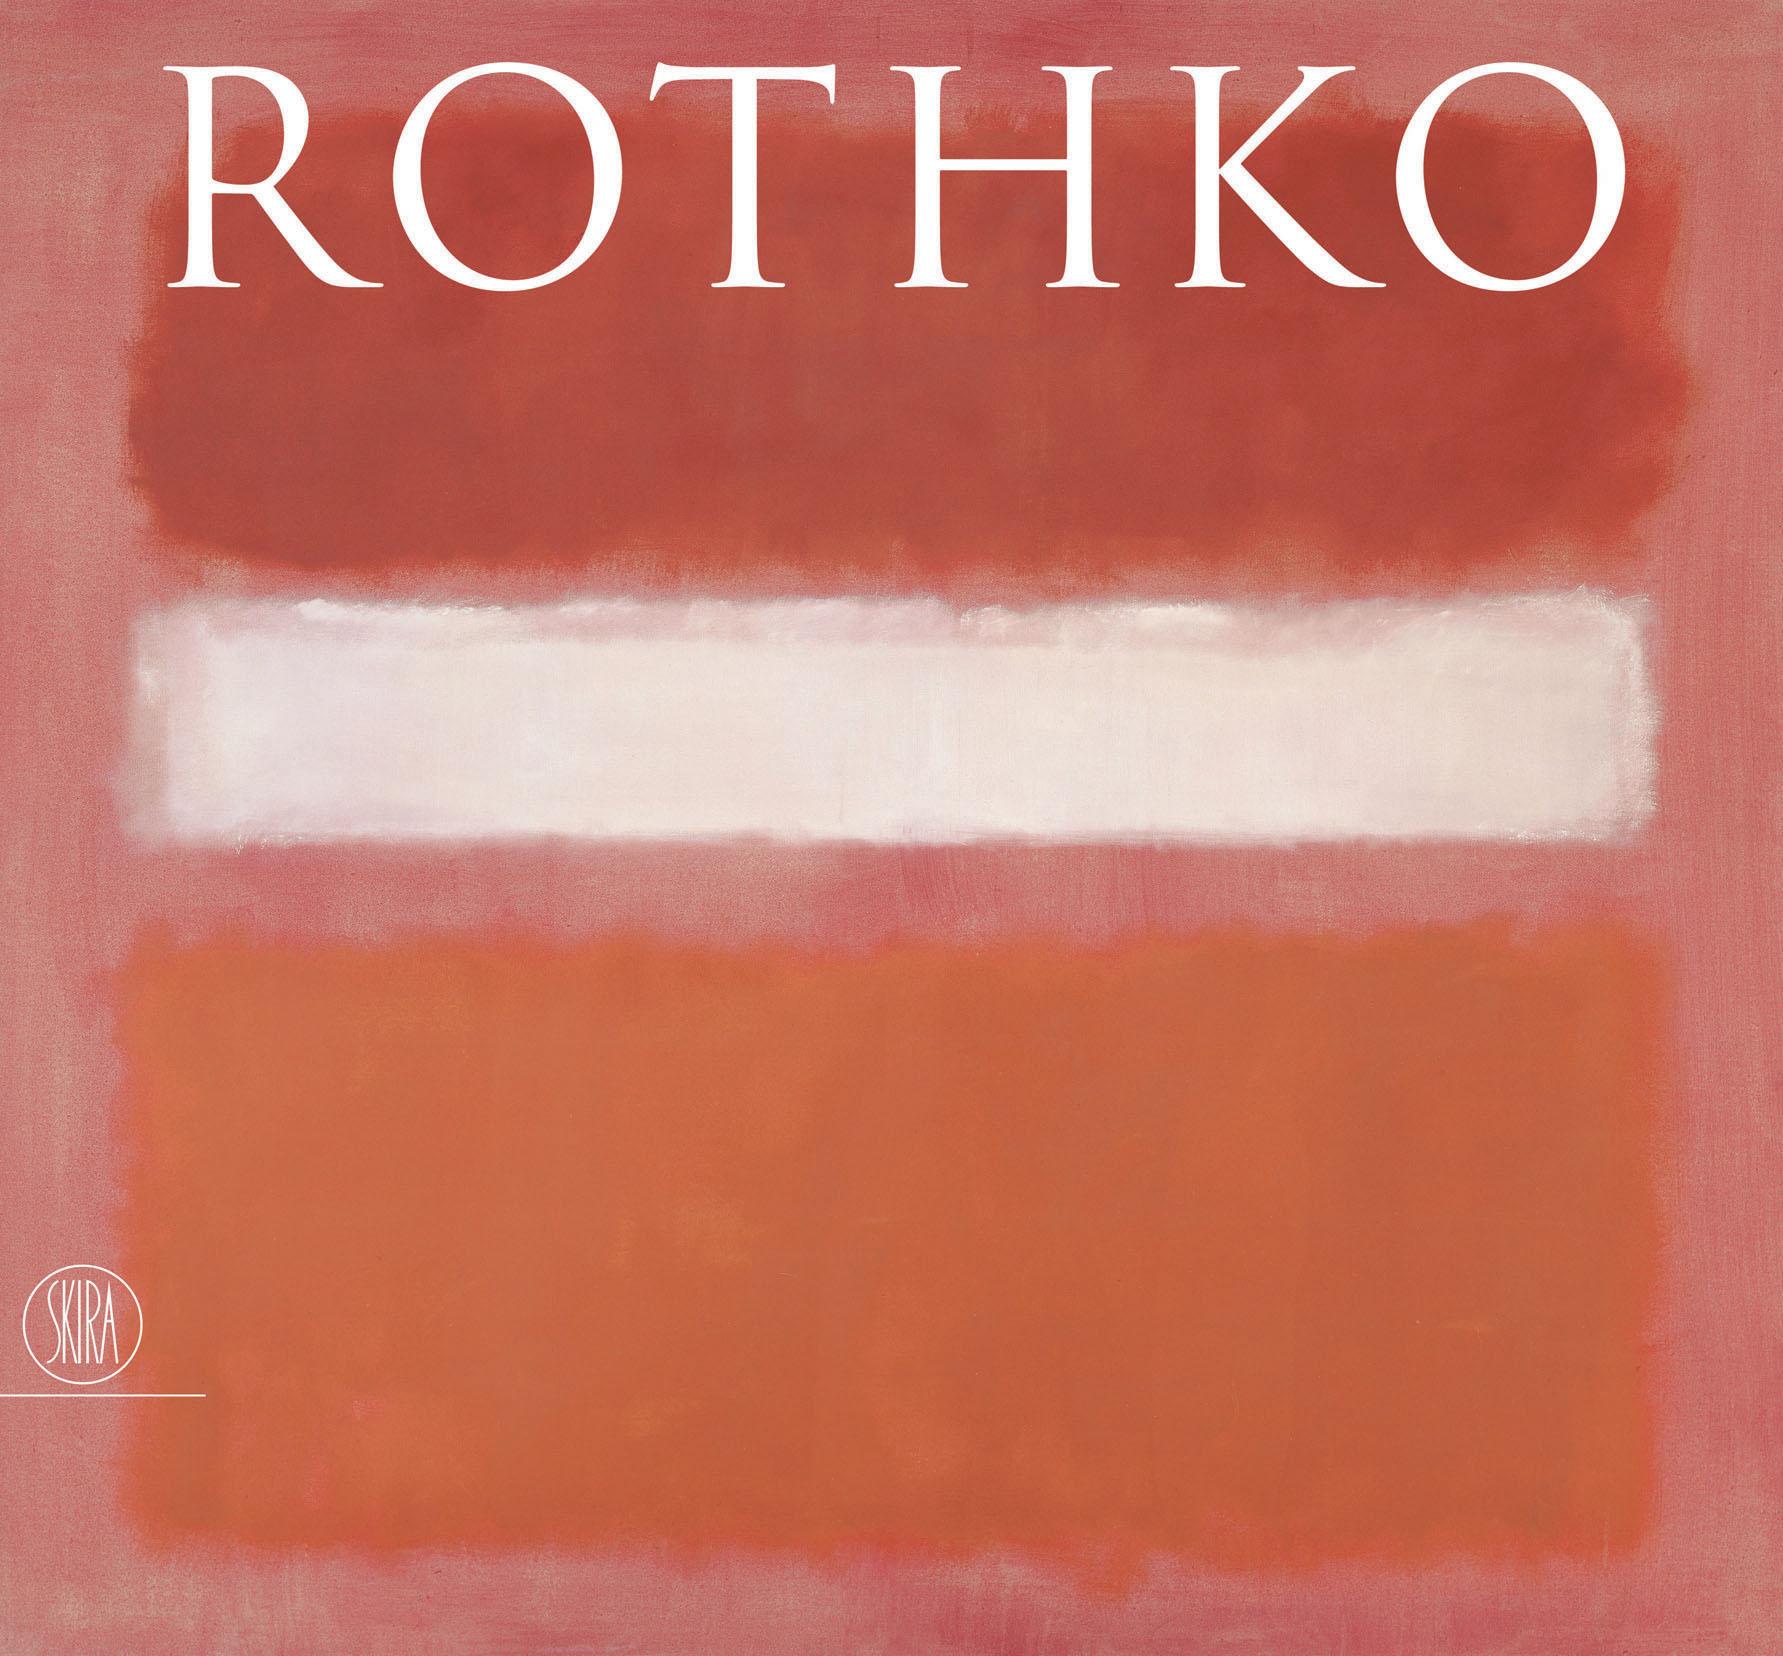 Rothko, van Gogh, Manet. Libri d'Arte Skira alla galleria Bocca di Milano a prezzi scontati